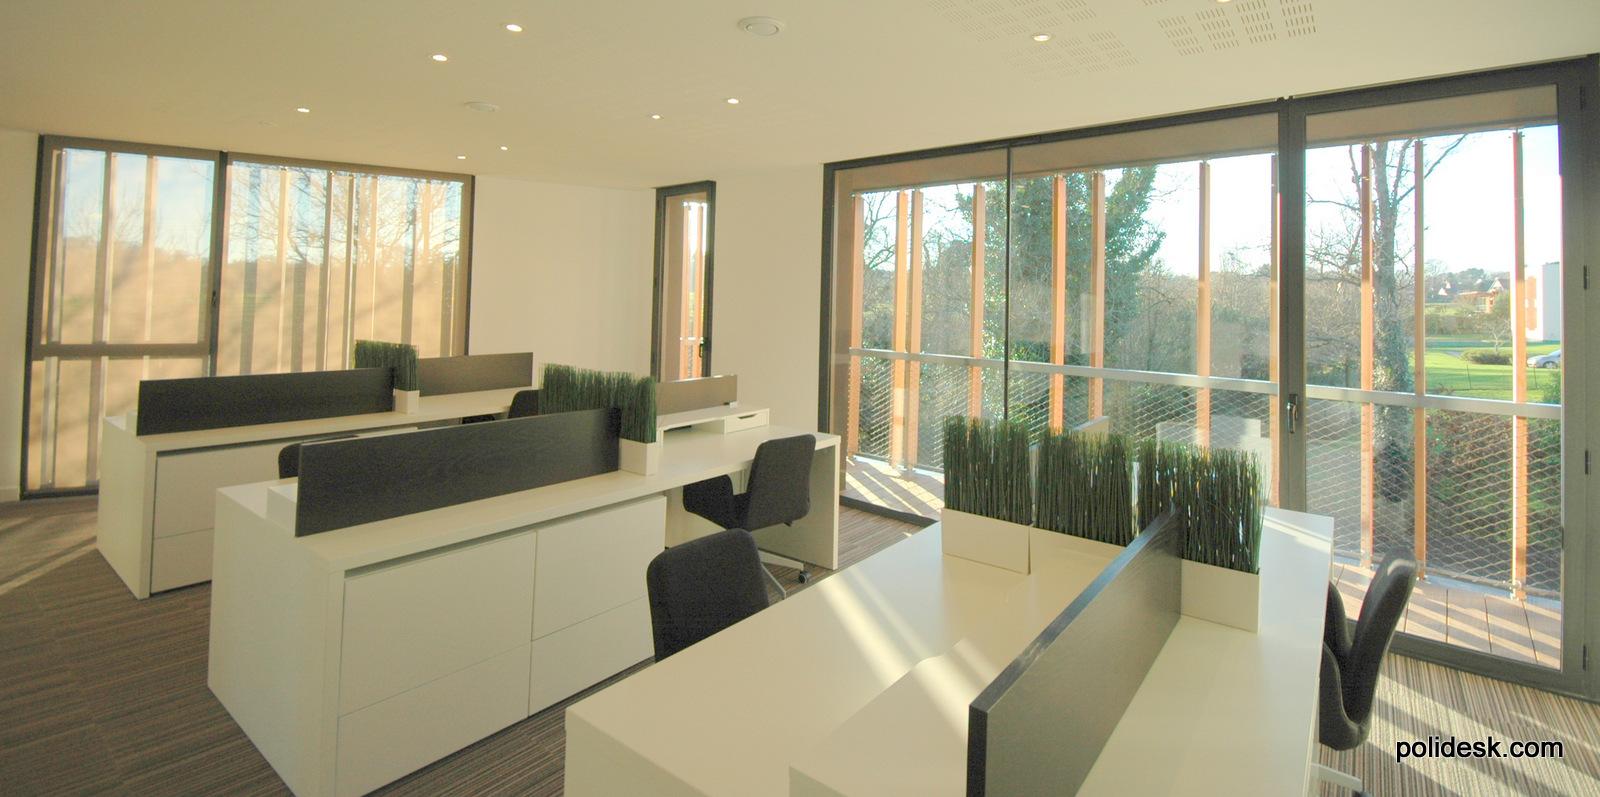 Deux espaces de travail de 6 postes sont à la disposition des indépendants recherchant une solution flexible pour leurs bureaux